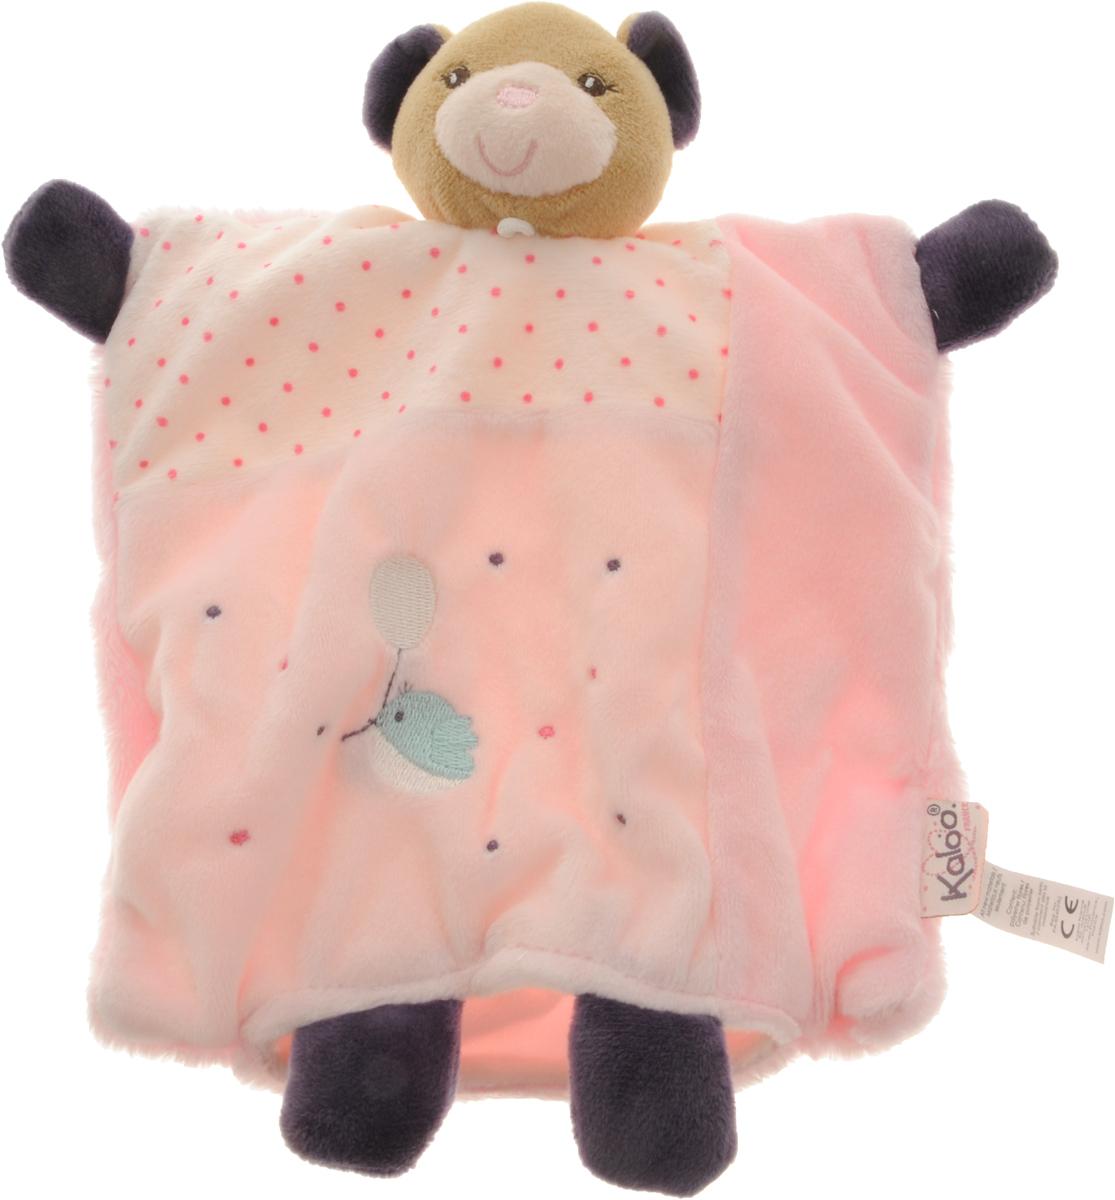 Kaloo Игрушка-комфортер Мишка цвет светло-розовыйK969865Уникальный аксессуар - игрушка-комфортер Kaloo Мишка позволит малышу спокойно и сладко уснуть, и на долгое время станет его постоянным спутником. Особенность игрушки-комфортера состоит в том, что сначала маме необходимо некоторое время подержать игрушку рядом с собой для того, чтобы она впитала материнский запах. После чего игрушку можно дать и малышу. Младенцу будет очень комфортно засыпать с такой игрушкой, она позволит ему быстро успокоиться и сладко заснуть. Со временем комфортер станет не просто игрушкой для сна, но и любимым защитником от плохих сновидений и детских страхов. Игрушку приятно держать в руках и прижимать к себе. Игрушка выполнена из качественных и безопасных для здоровья детей материалов, которые не вызывают аллергии, приятны на ощупь и доставляют большое удовольствие во время игр. Игры с мягкими игрушками развивают тактильную чувствительность и сенсорное восприятие.